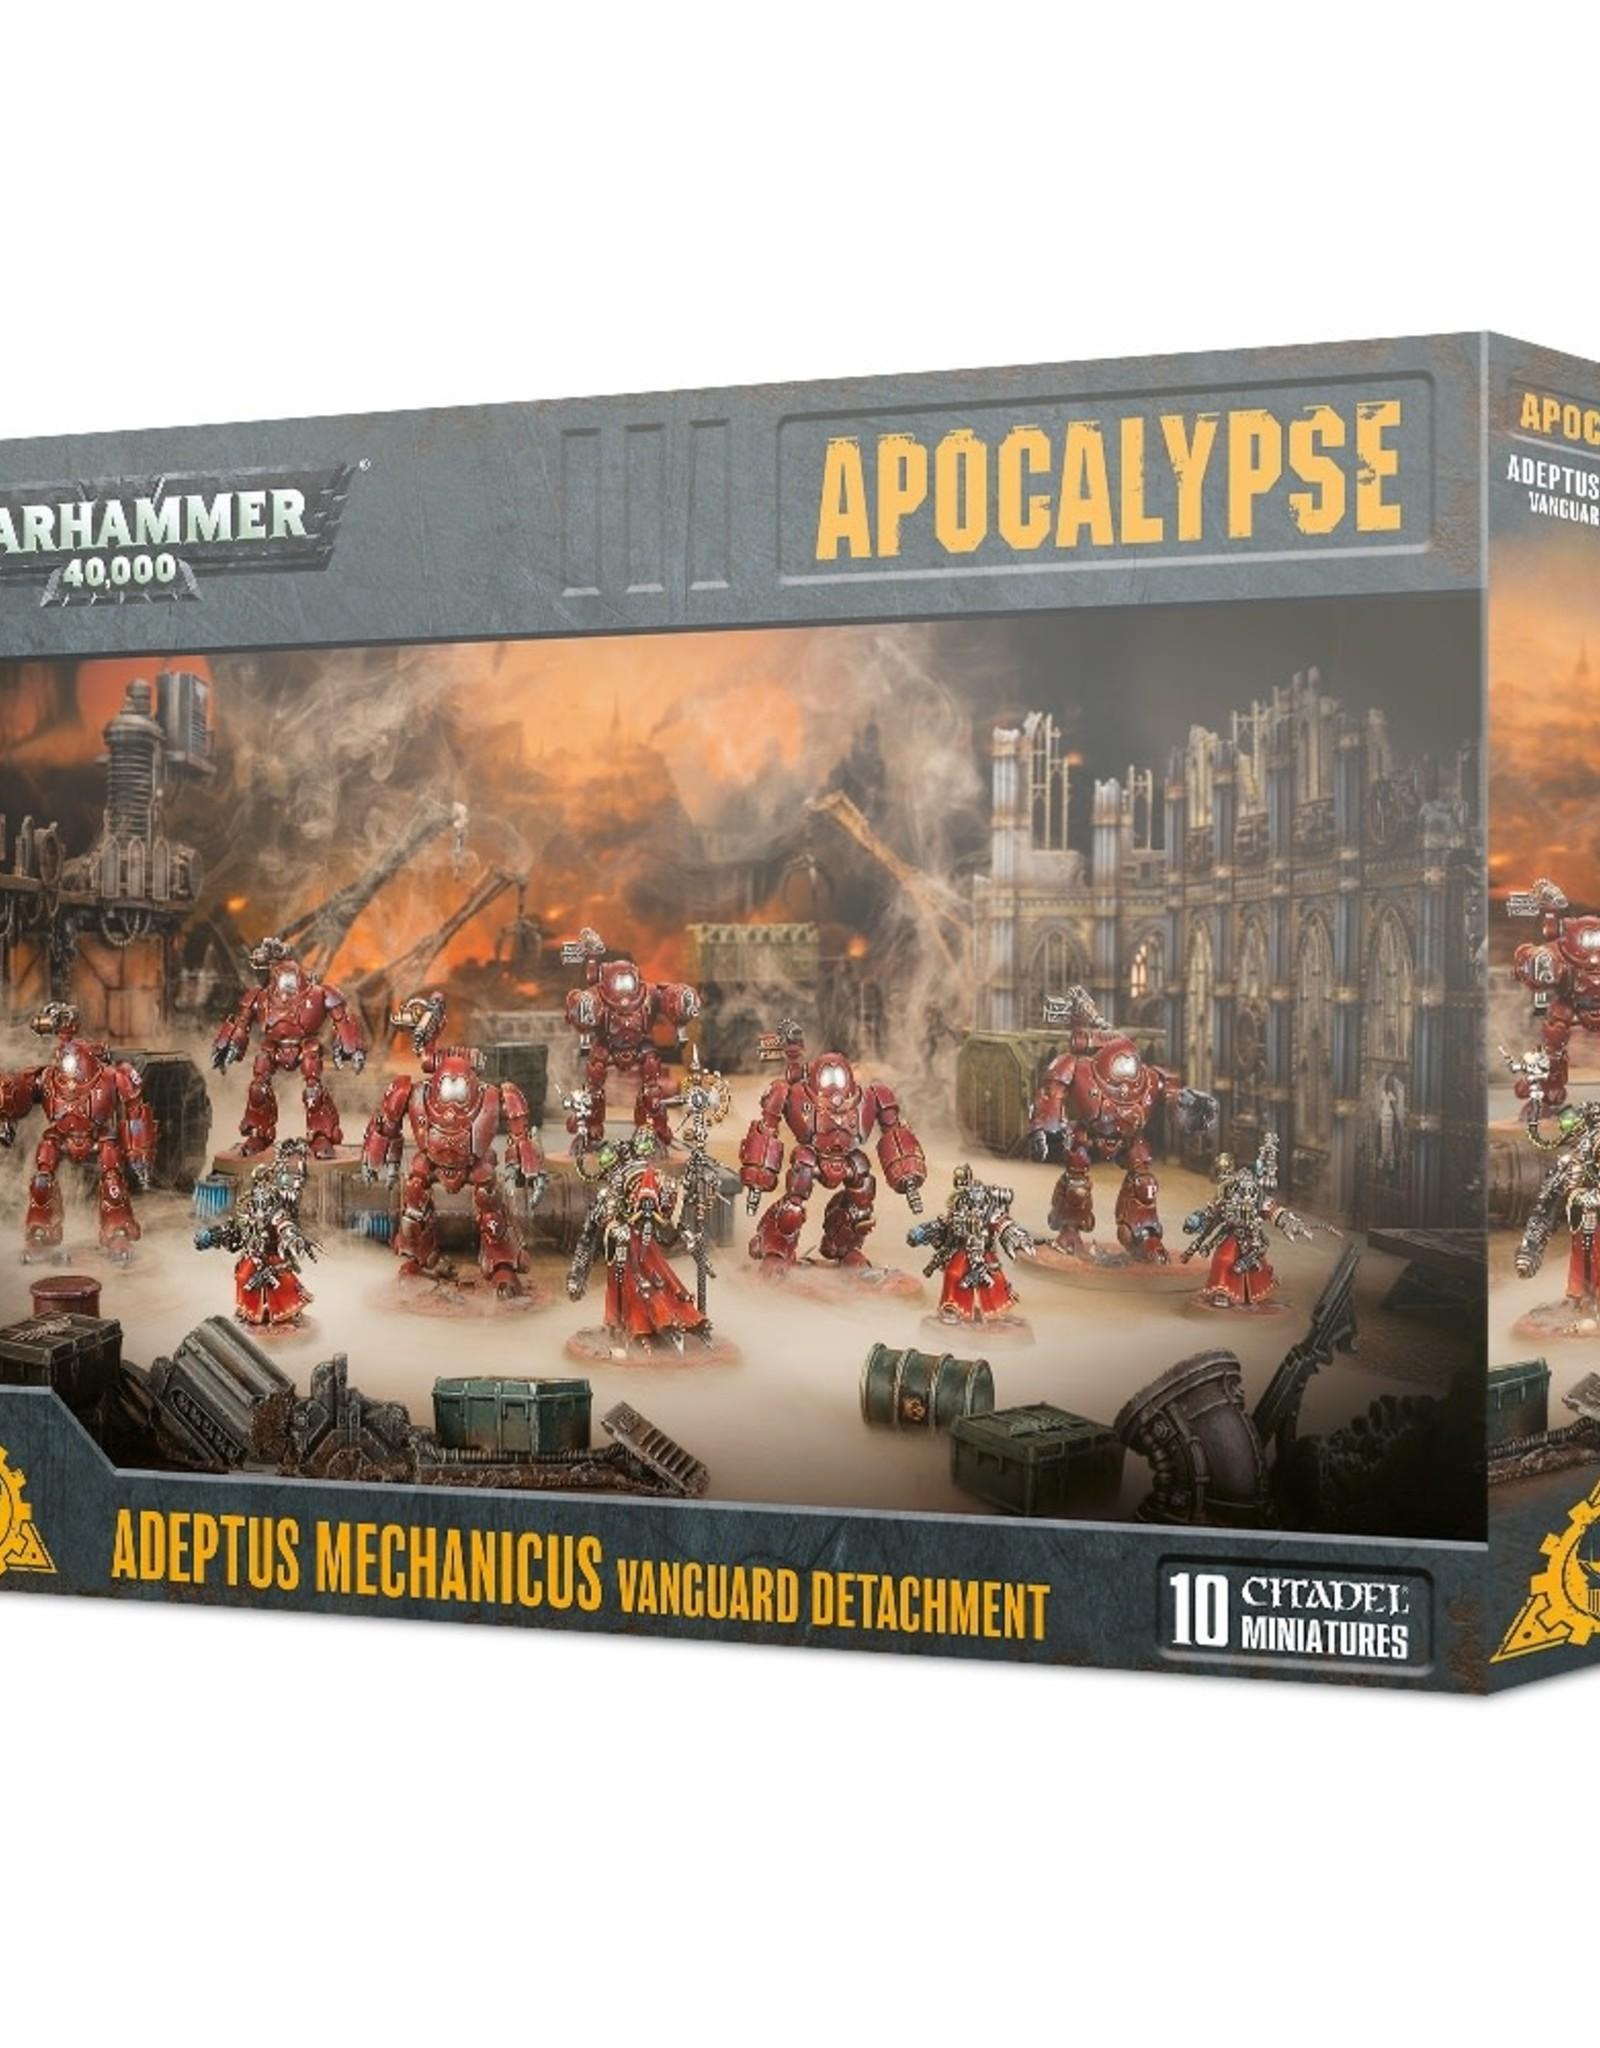 Warhammer 40K Adeptus Mechanicus Vanguard Detachment